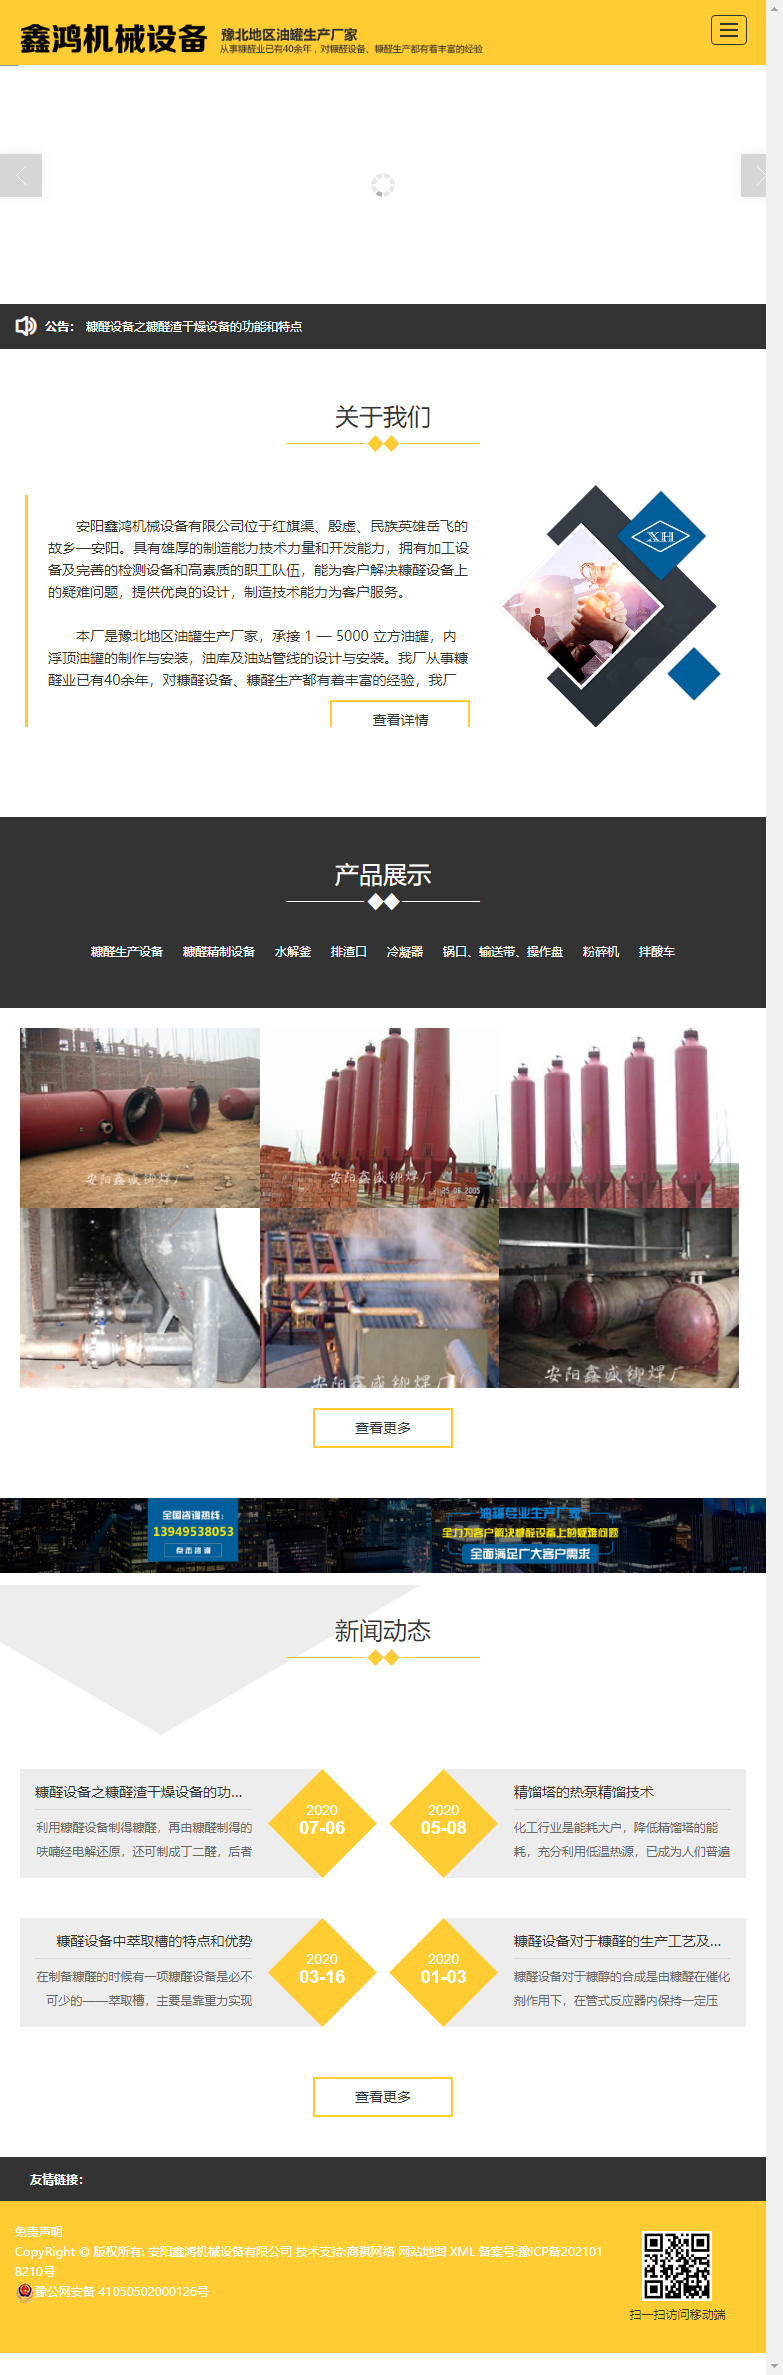 安阳鑫鸿机械设备有限公司网站案例